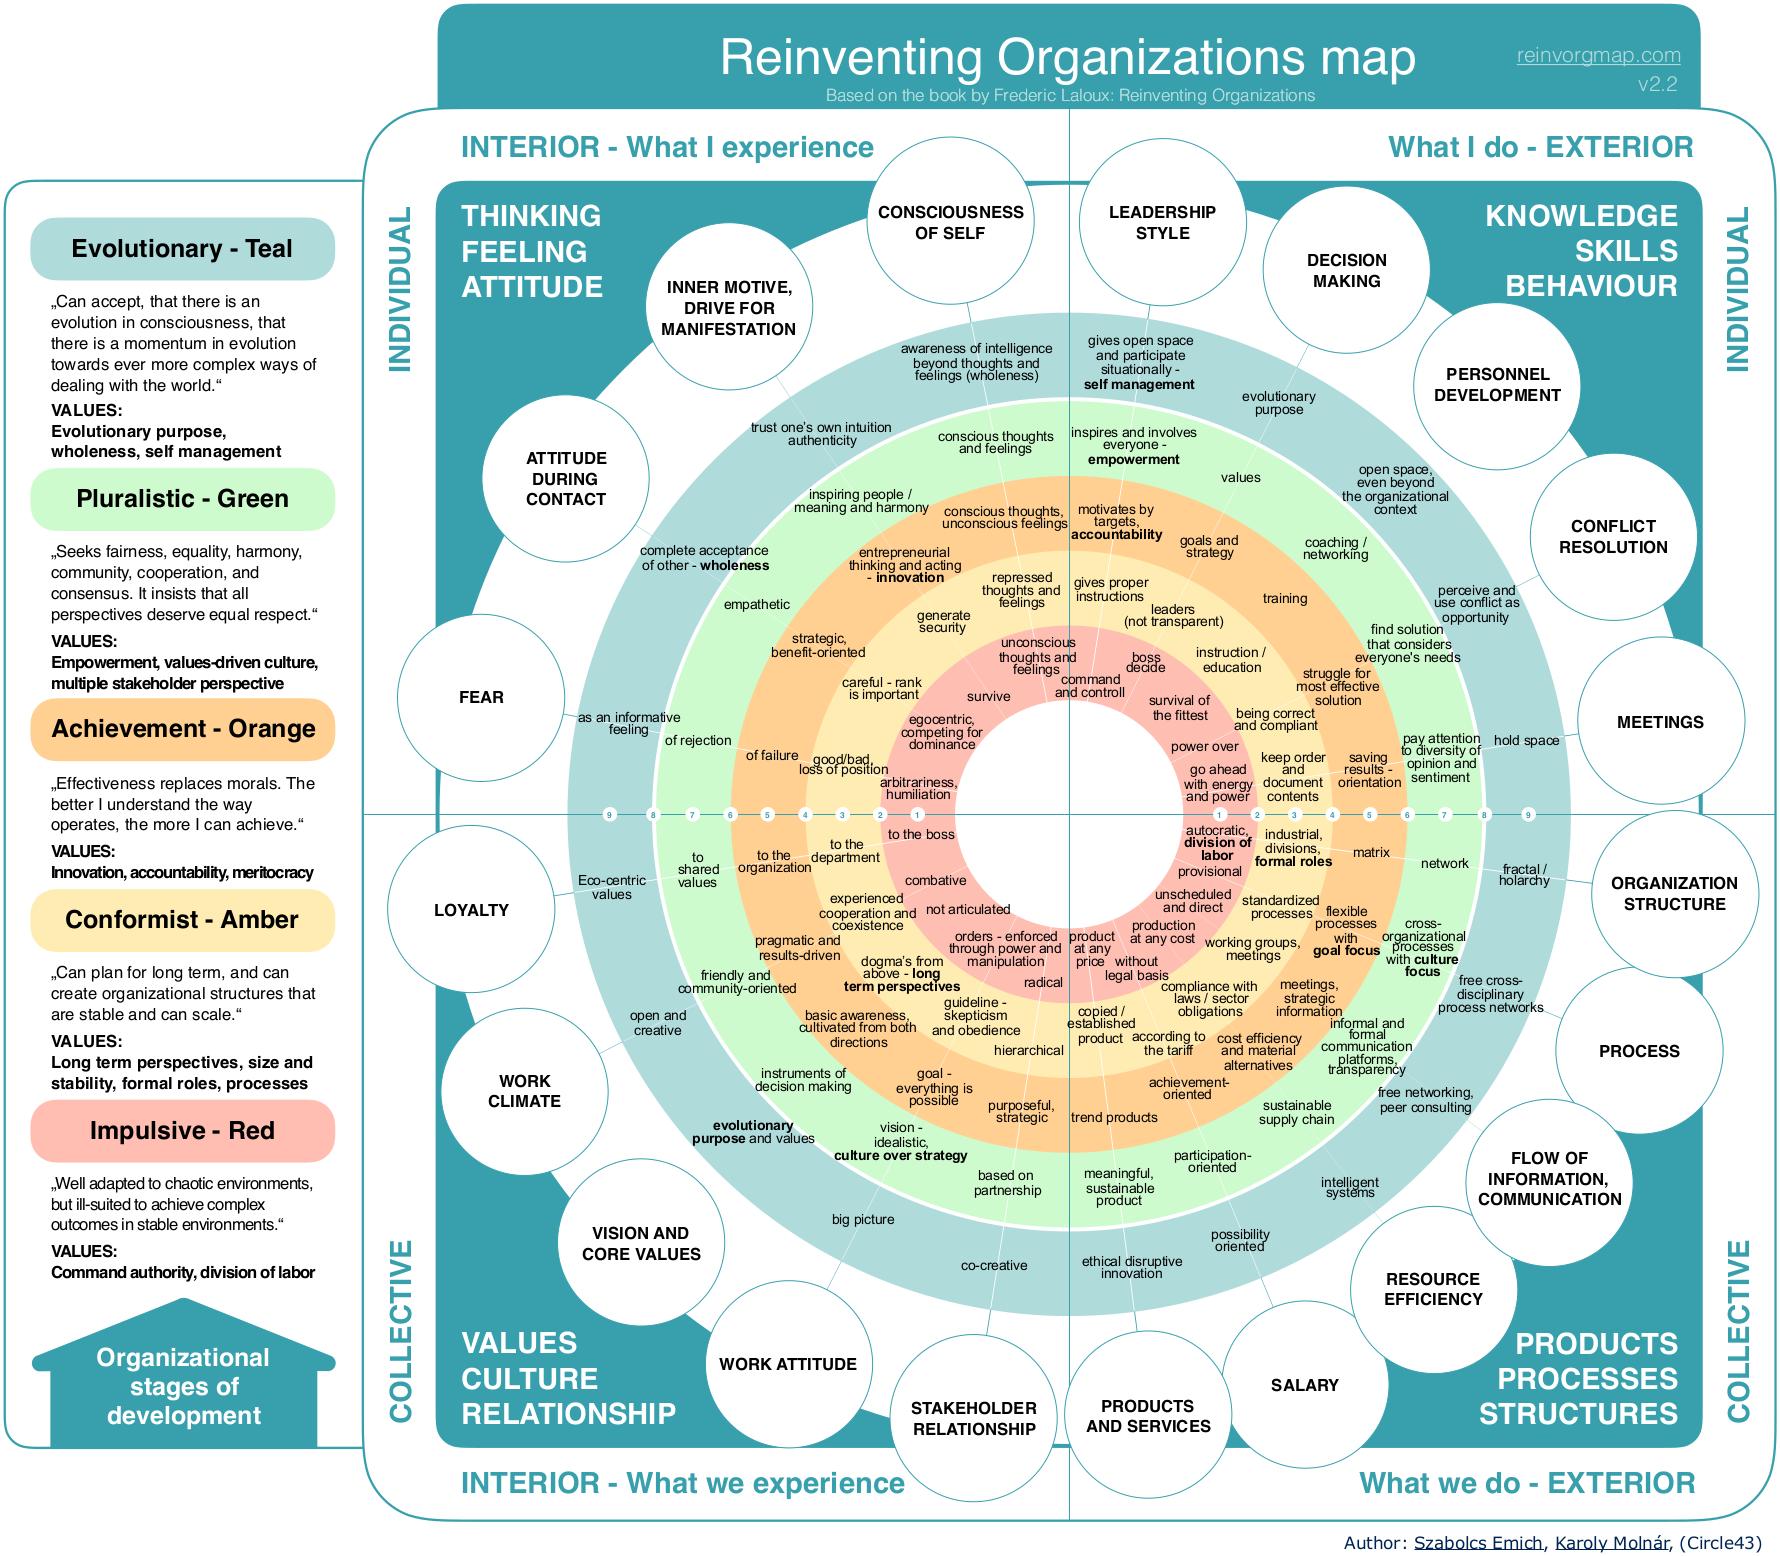 Reinventing-organizations-map-v2.2-EN.png